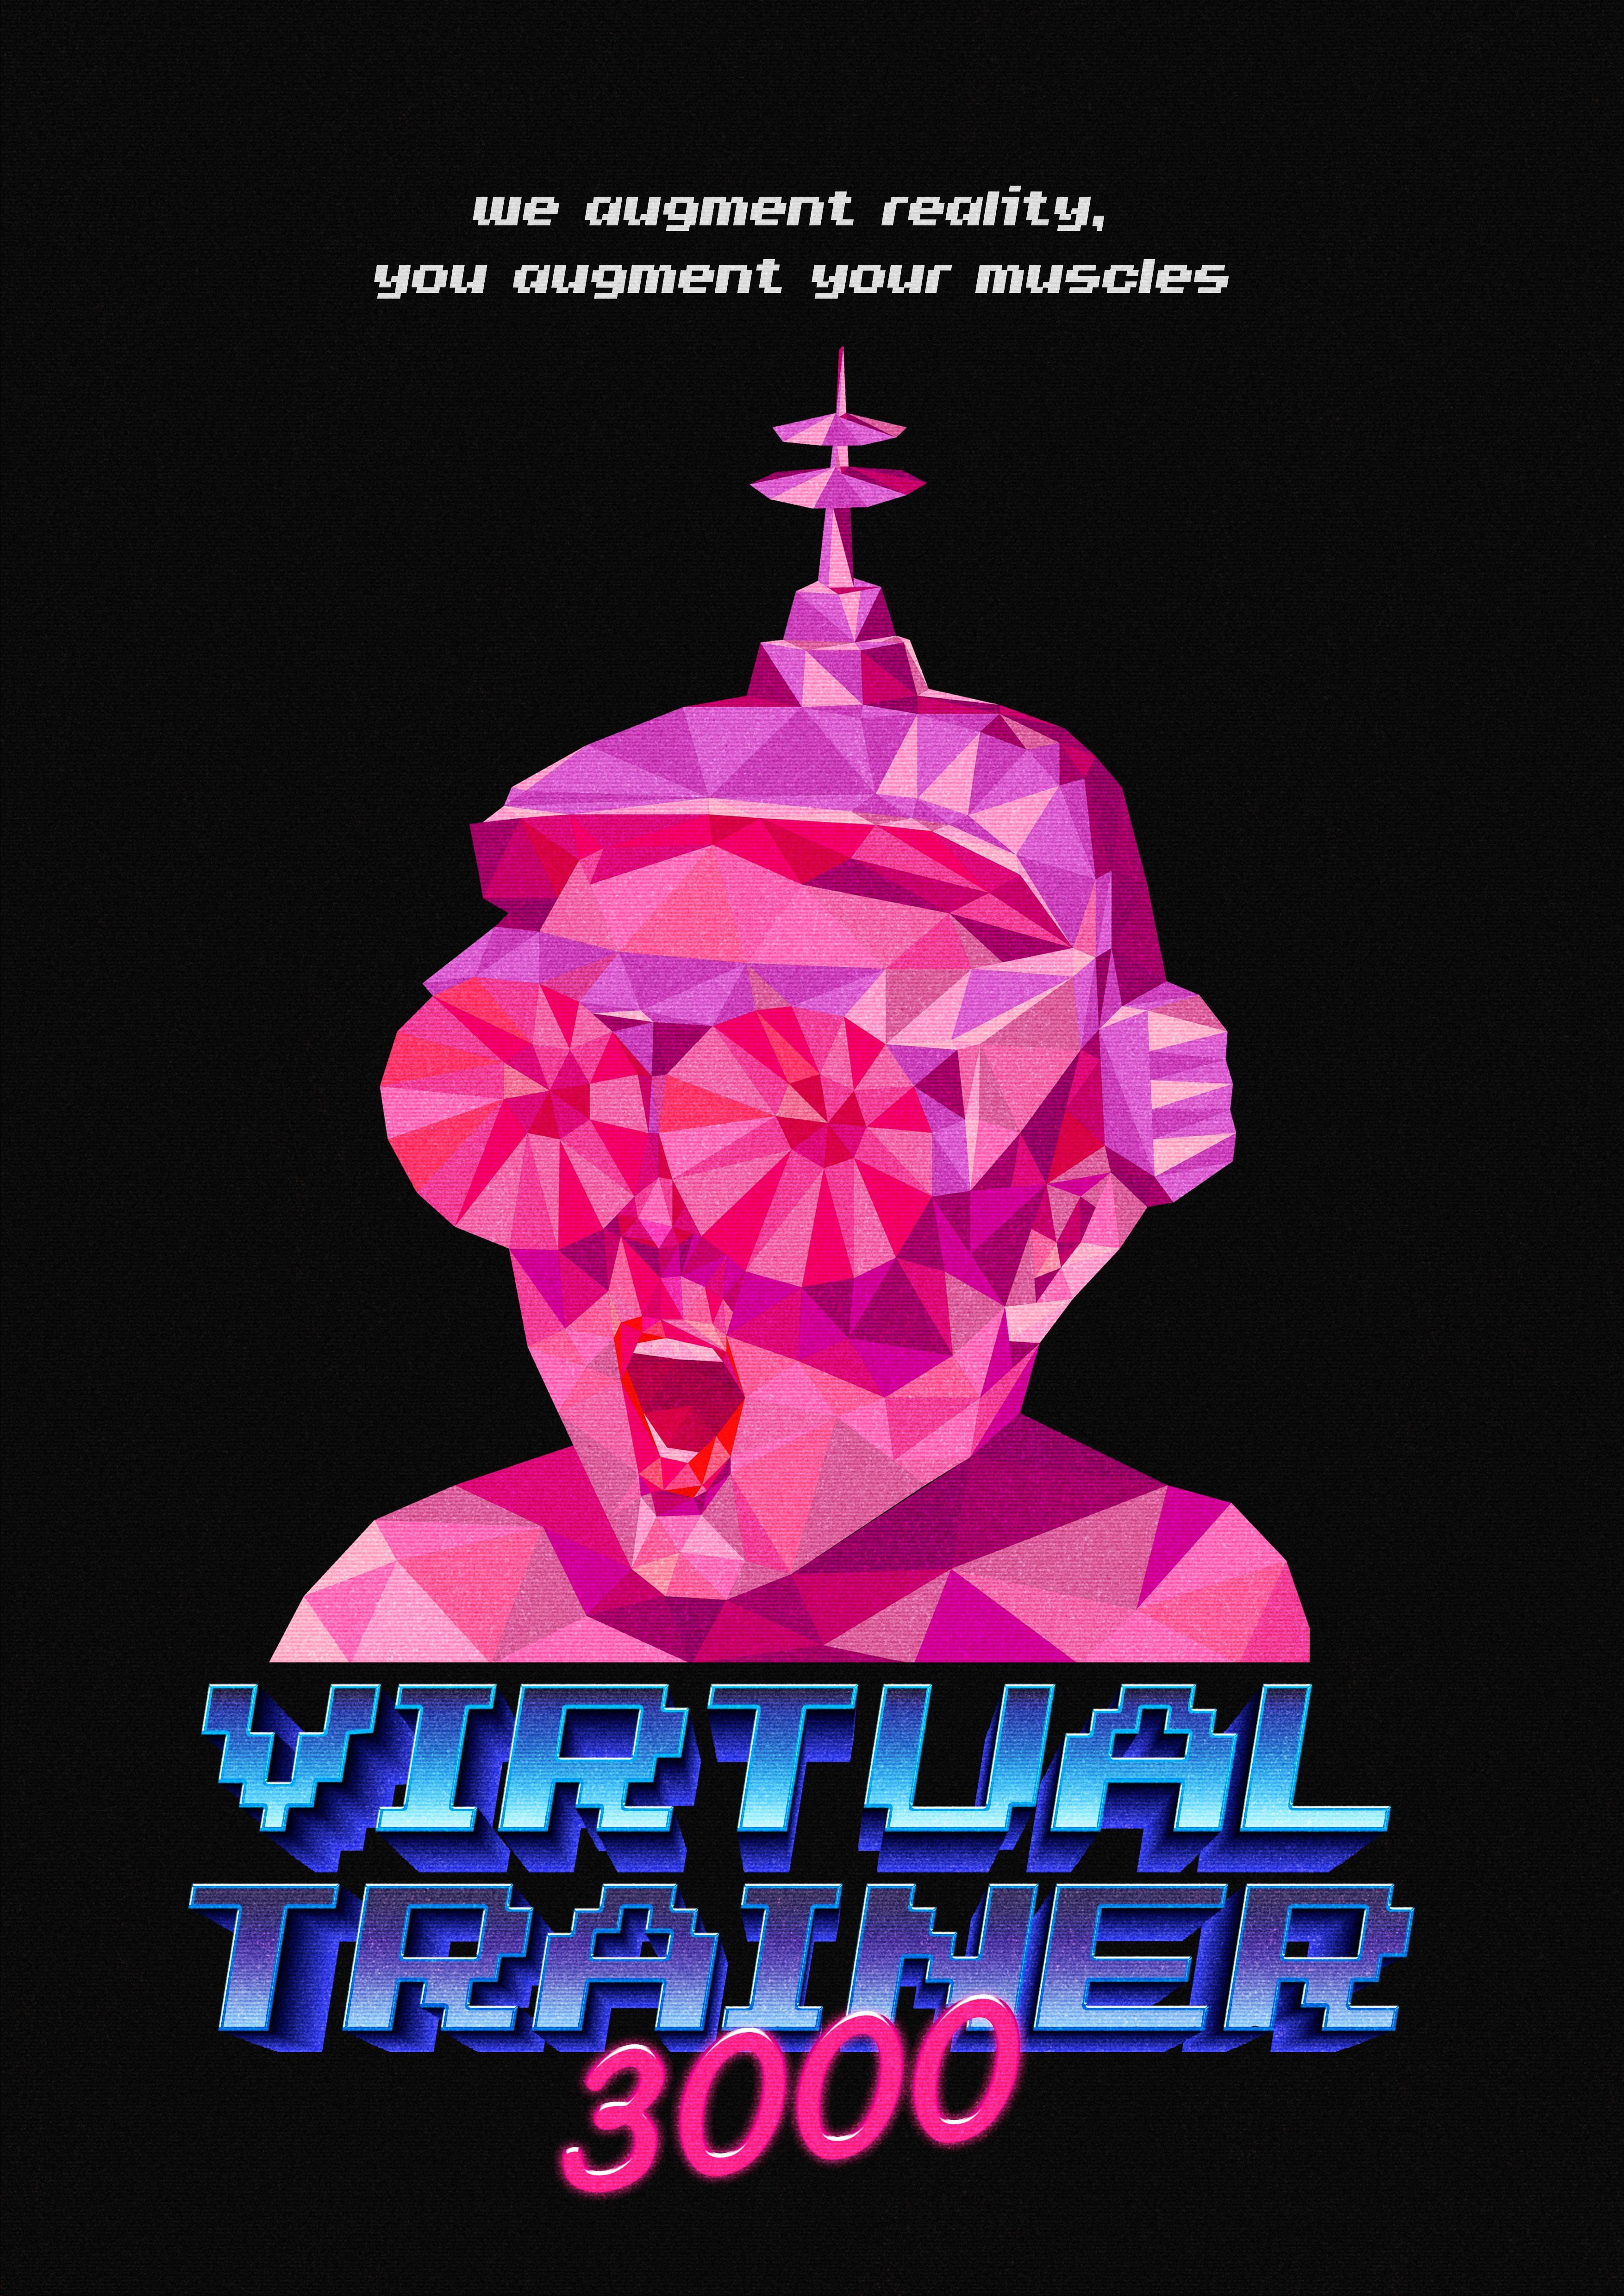 VirtualTrainer3000